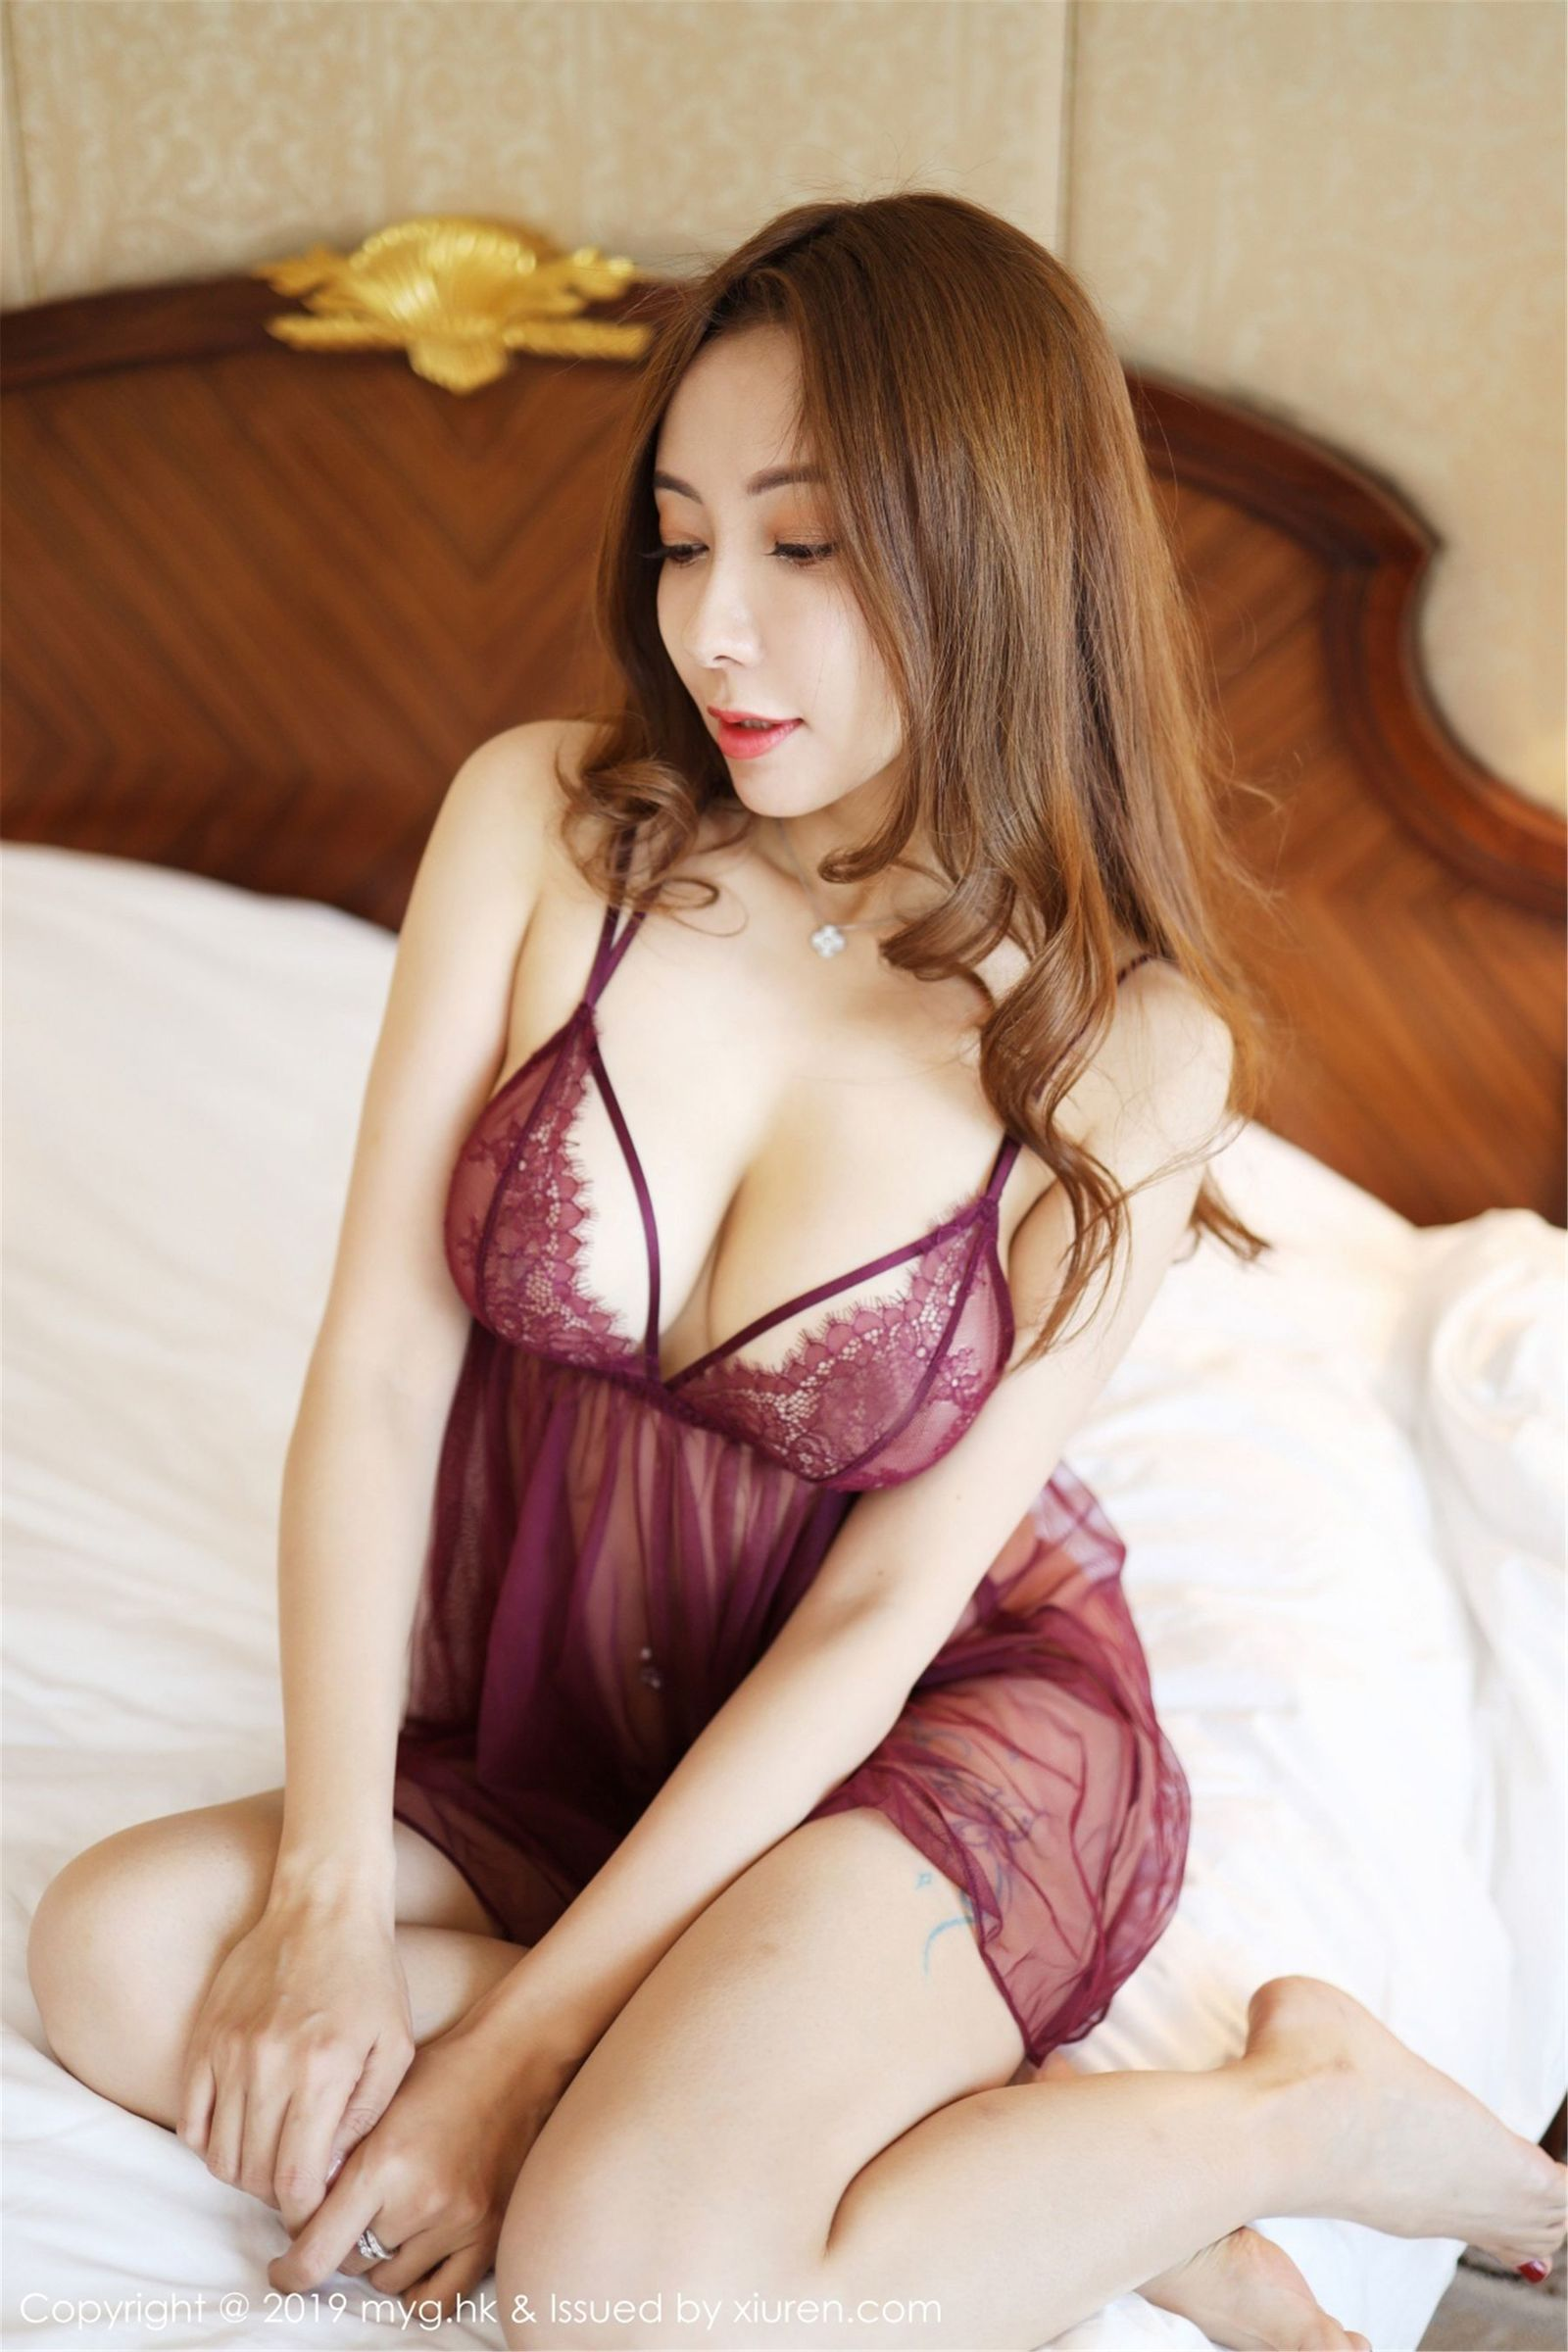 [MyGirl美媛馆] Vol.352 果儿Victoria - 精彩十足的镂空内衣系列[39P]